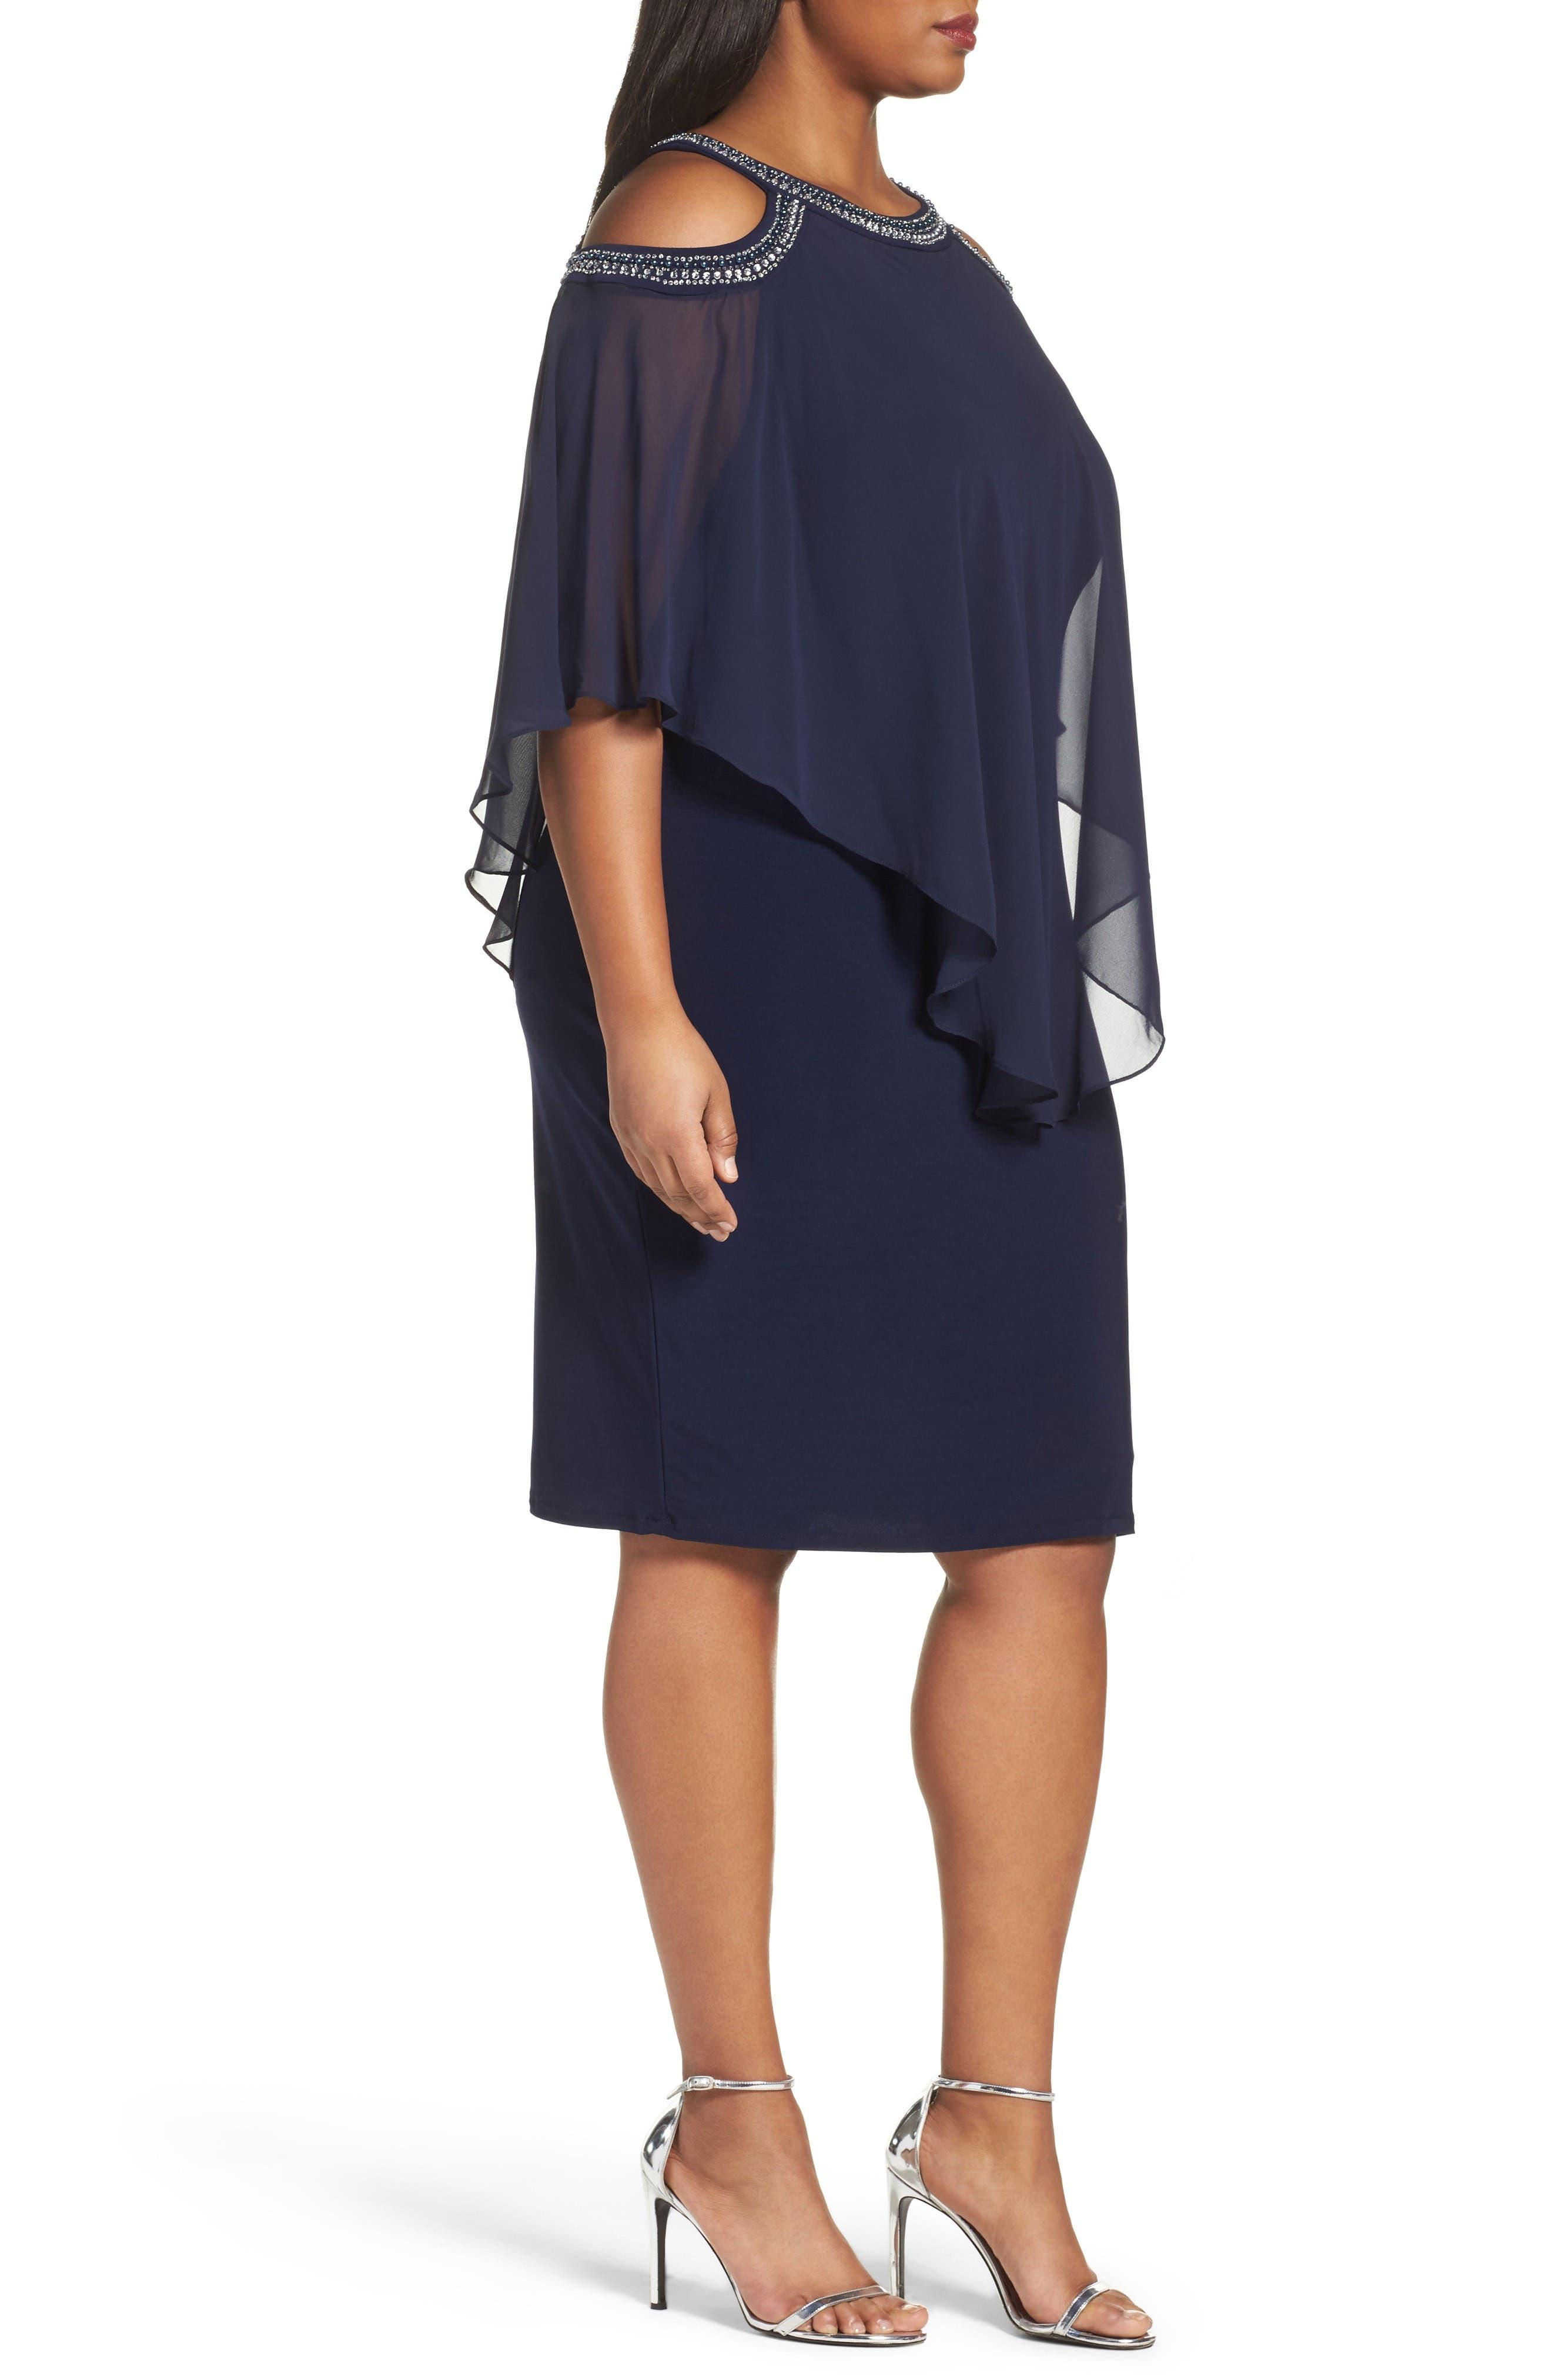 Embellished Cold Shoulder Overlay Cocktail Dress,                             Alternate thumbnail 3, color,                             410